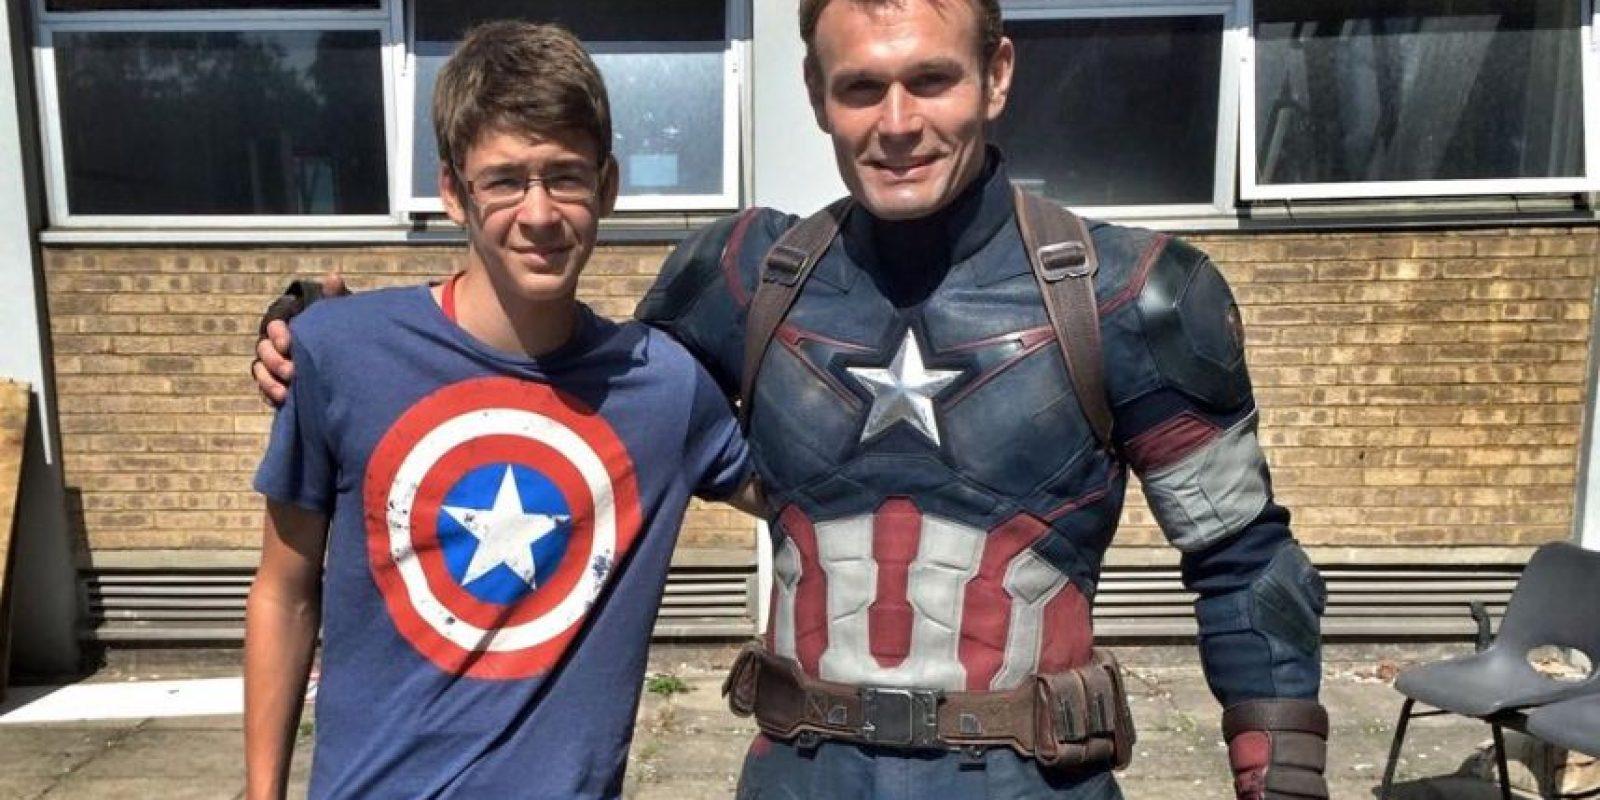 """Fue el doble de Evans desde la cinta """"Capitán América: El Primer Vengador"""". Foto:vía facebook.com/jan.petrina"""